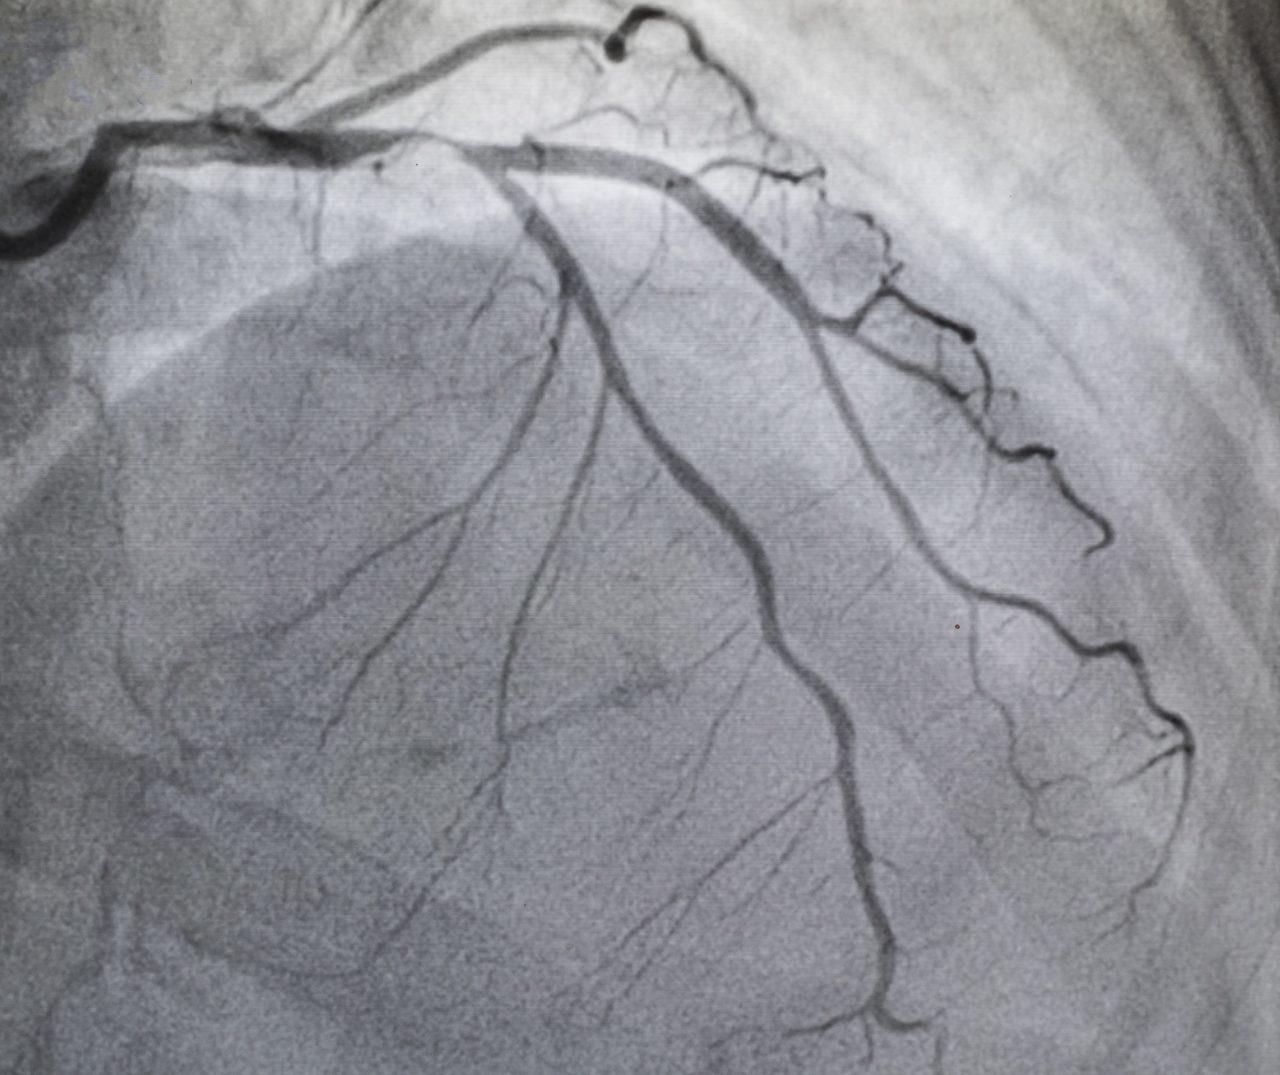 آنژیوگرافی عروق کرونر | دکتر آرش هاشمی | متخصص قلب و عروق | اینترونشنال کاردیولوژیست